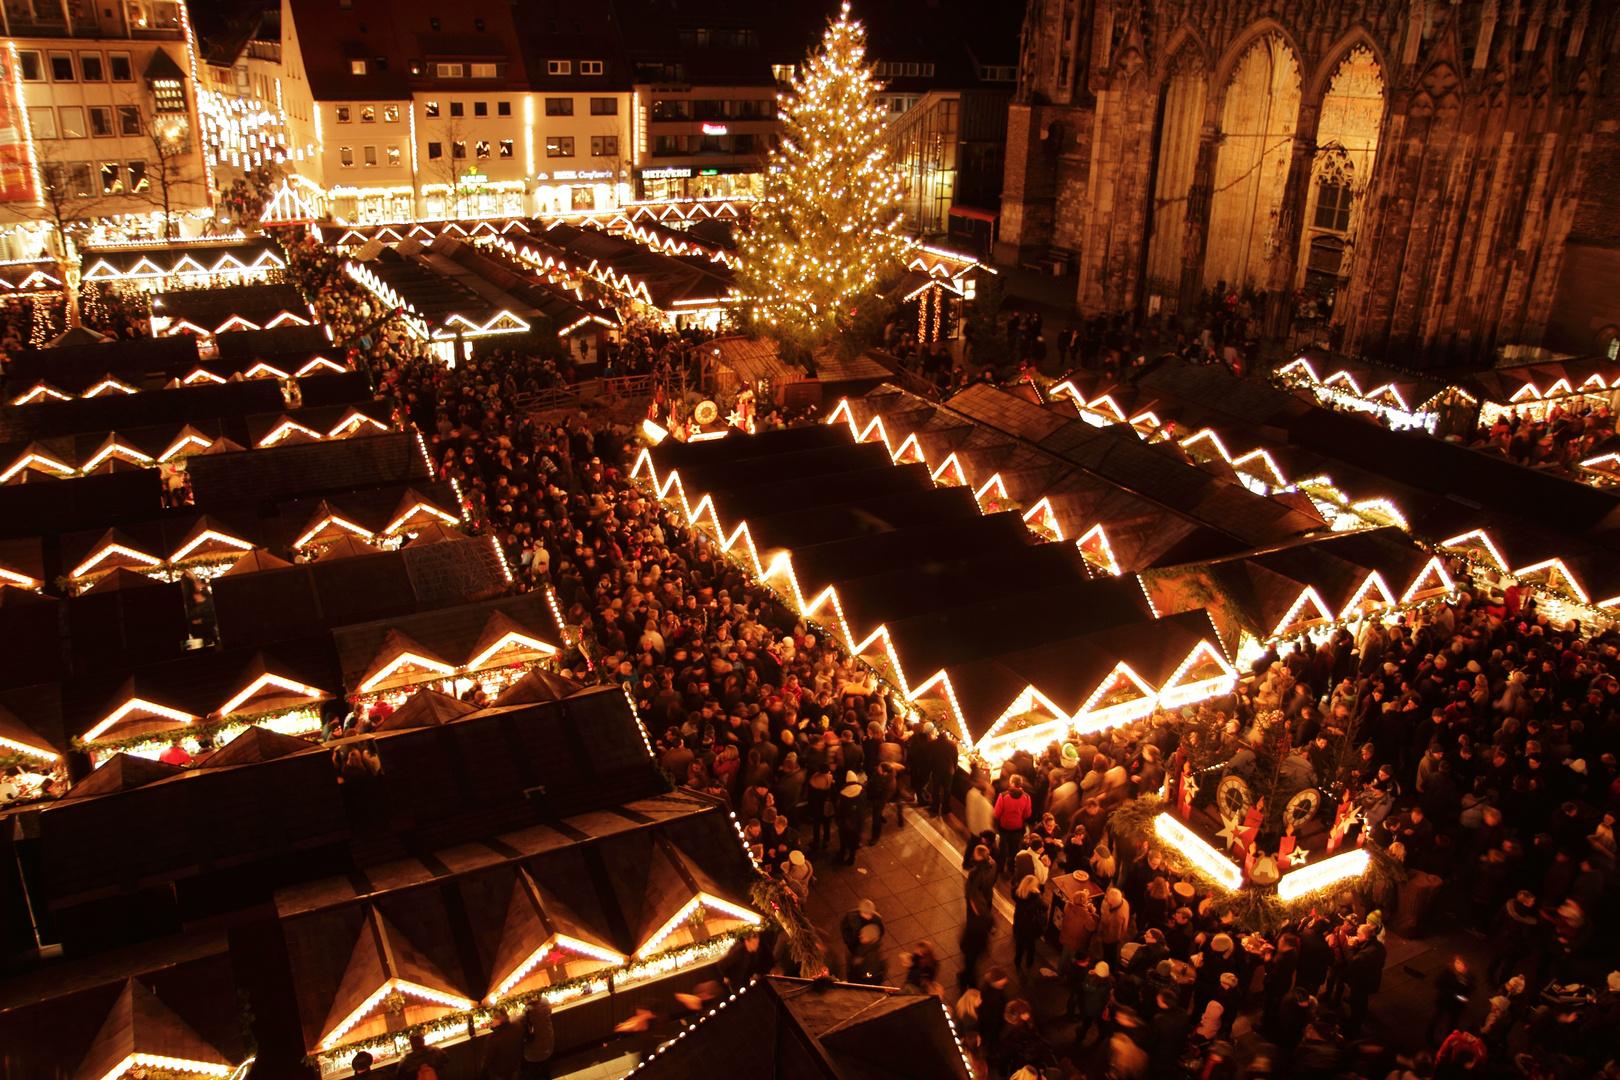 Ulm Weihnachtsmarkt.Ulmer Weihnachtsmarkt Foto Bild Deutschland Europe Baden